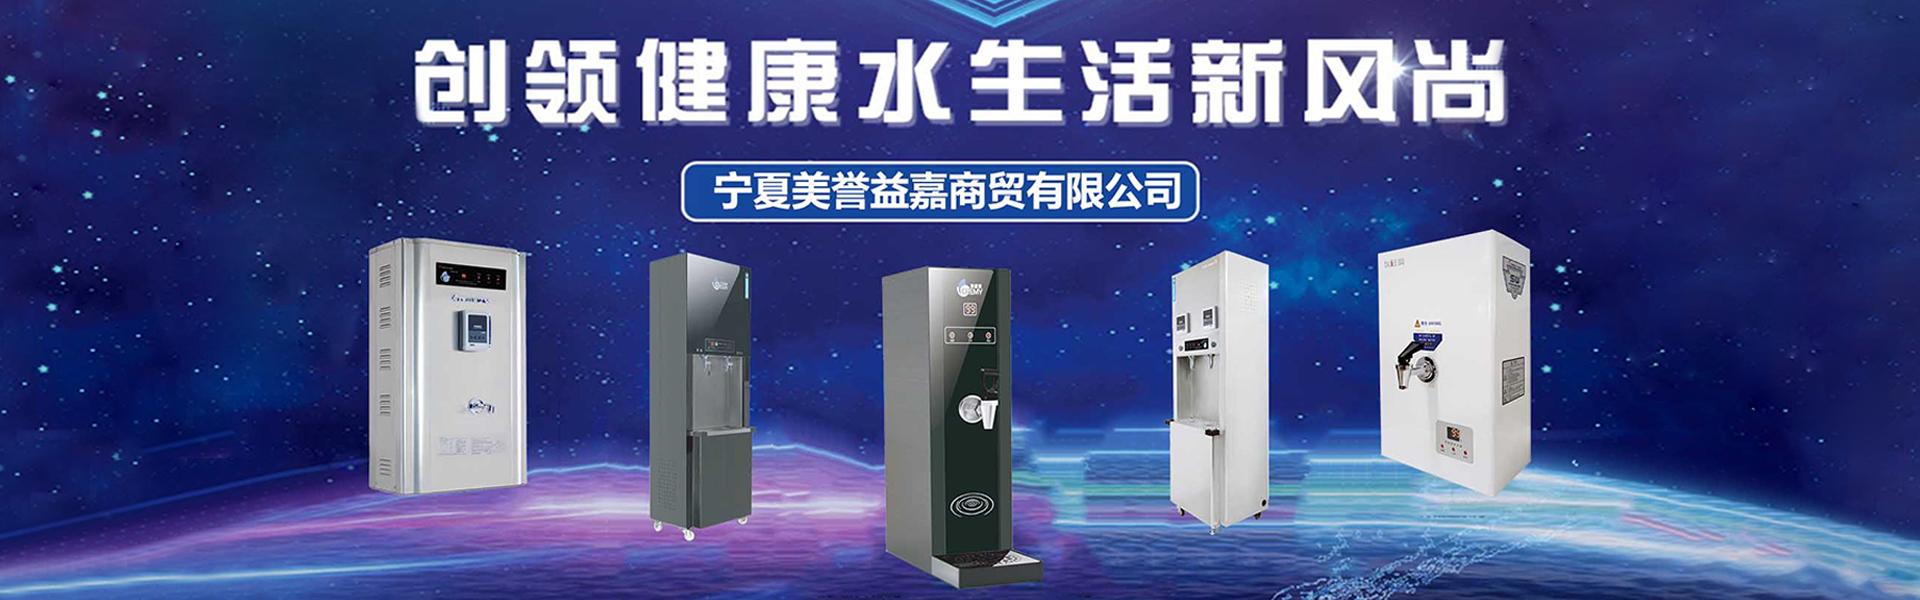 宁夏开水器,宁夏净水机,就找美誉益嘉商贸公司